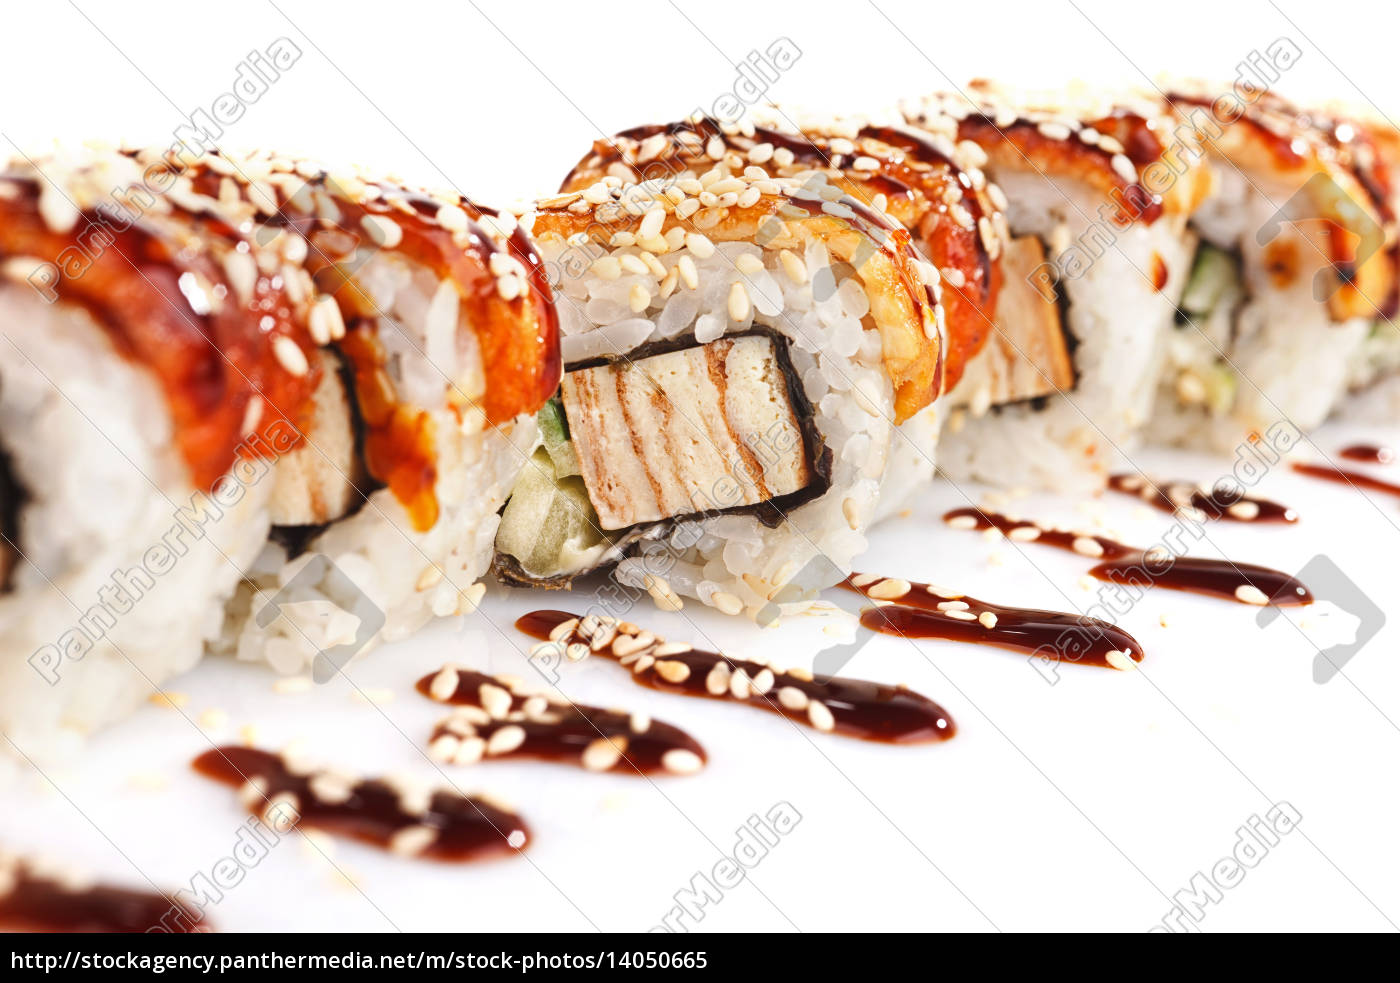 sushi, rolls - 14050665